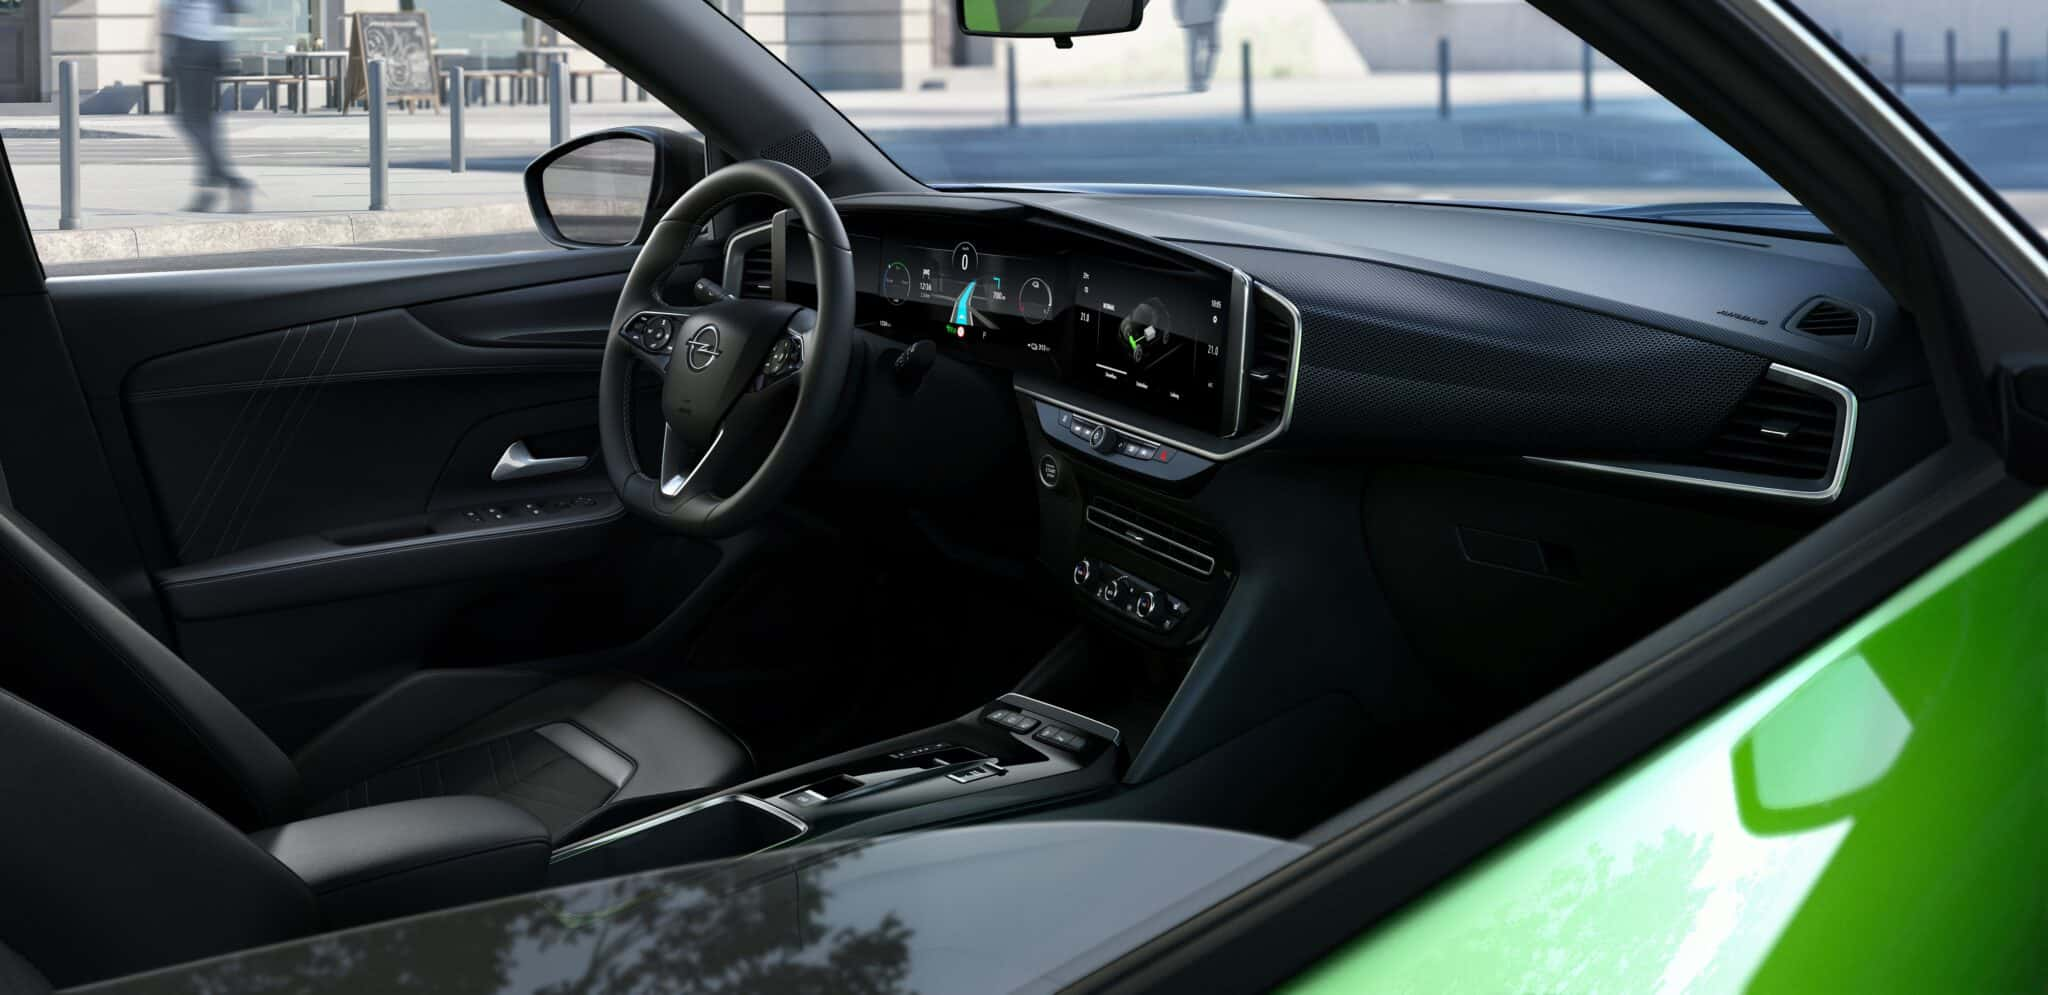 Opel Mokka elektrisch und voller Energie » 08 Opel Mokka e 512172 min scaled